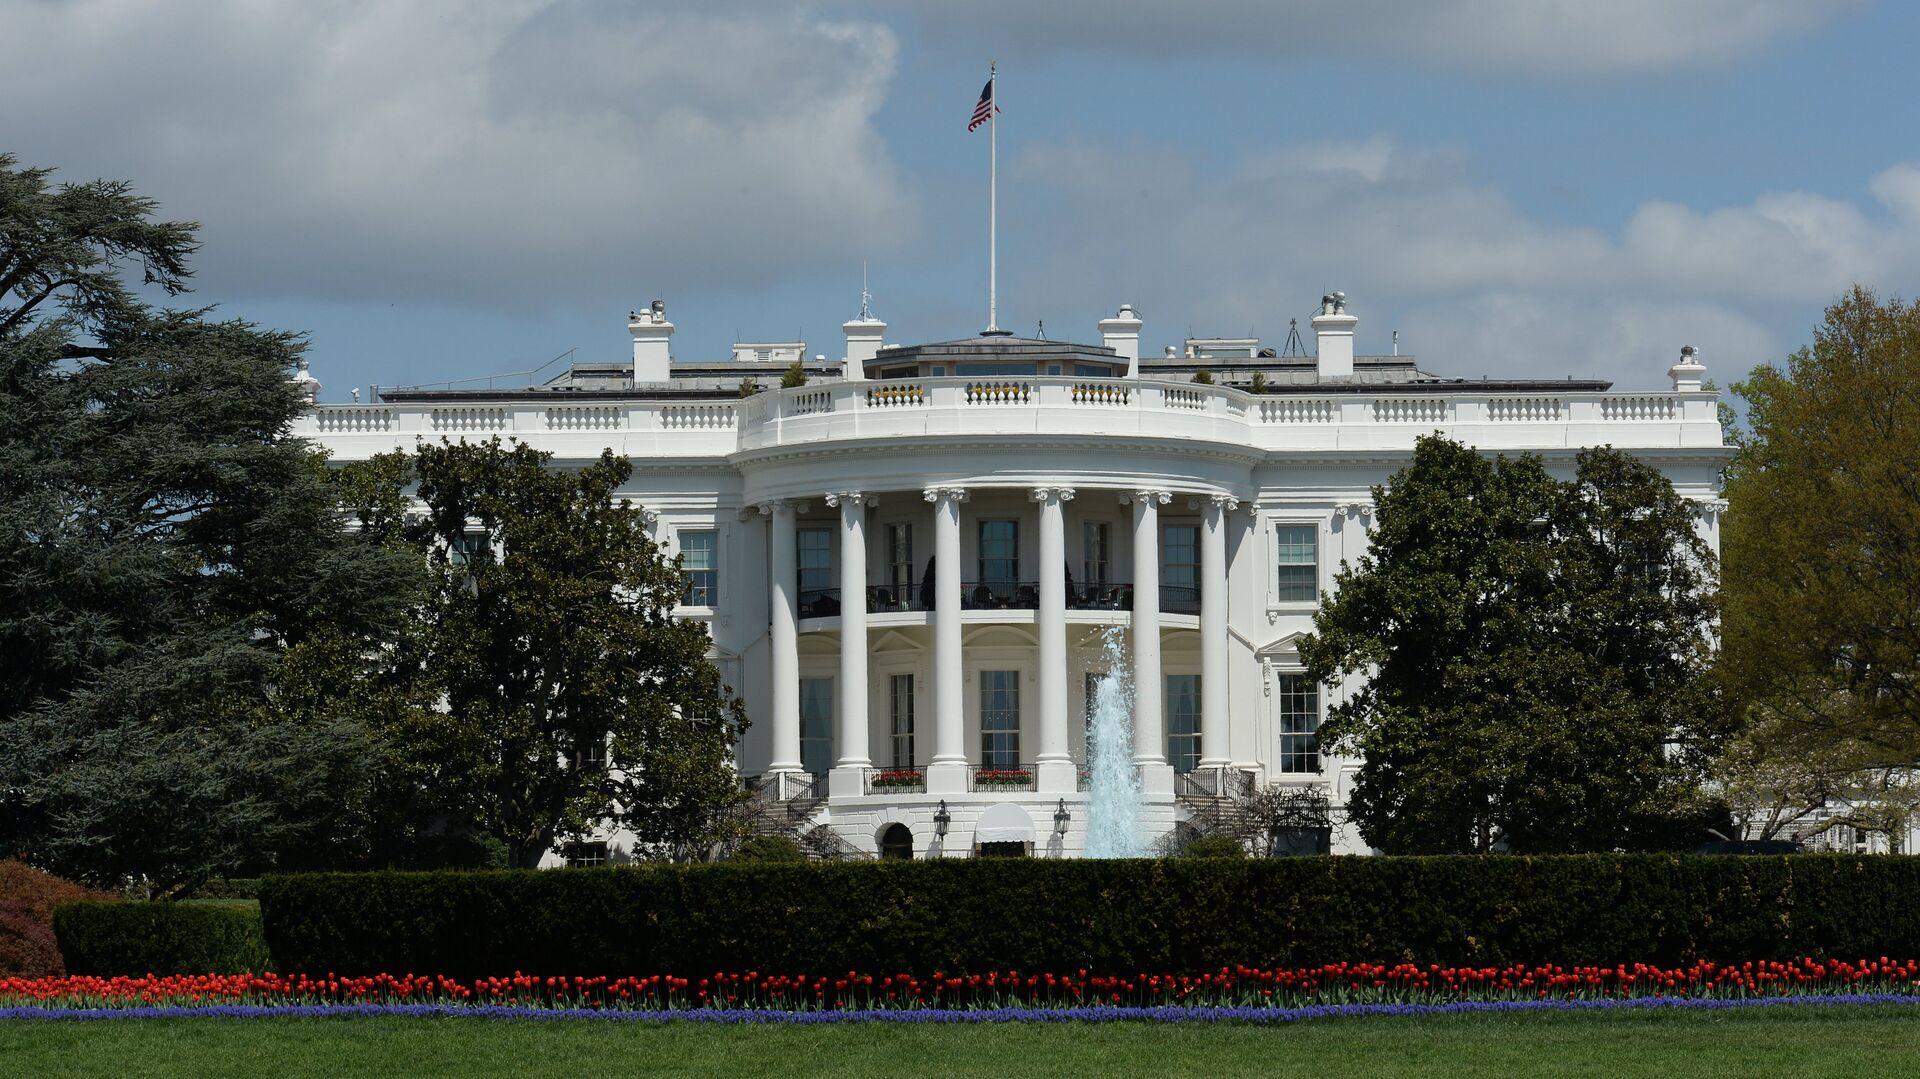 Ο Λευκός Οίκος στην Ουάσιγκτον - Sputnik Ελλάδα, 1920, 07.09.2021